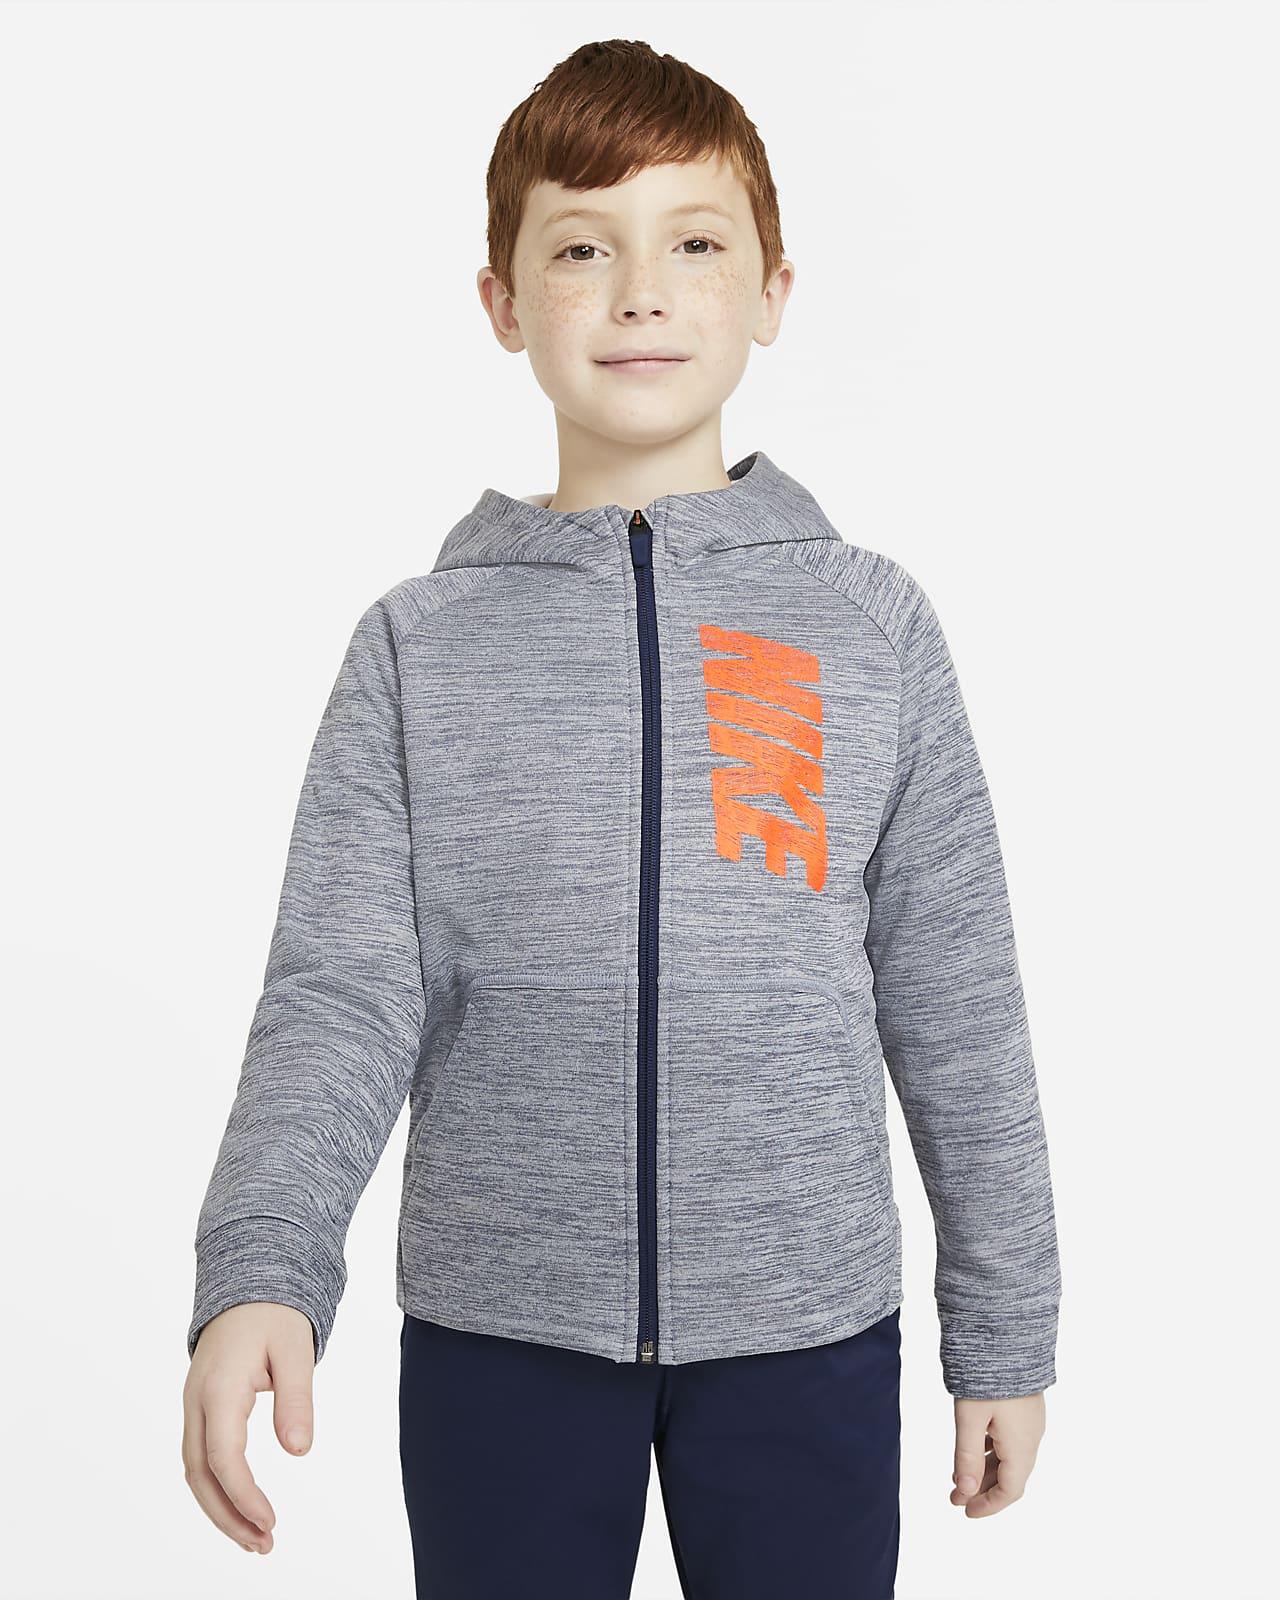 Tréninková mikina Nike Therma s kapucí, zipem po celé délce a grafickým motivem pro větší děti (chlapce)